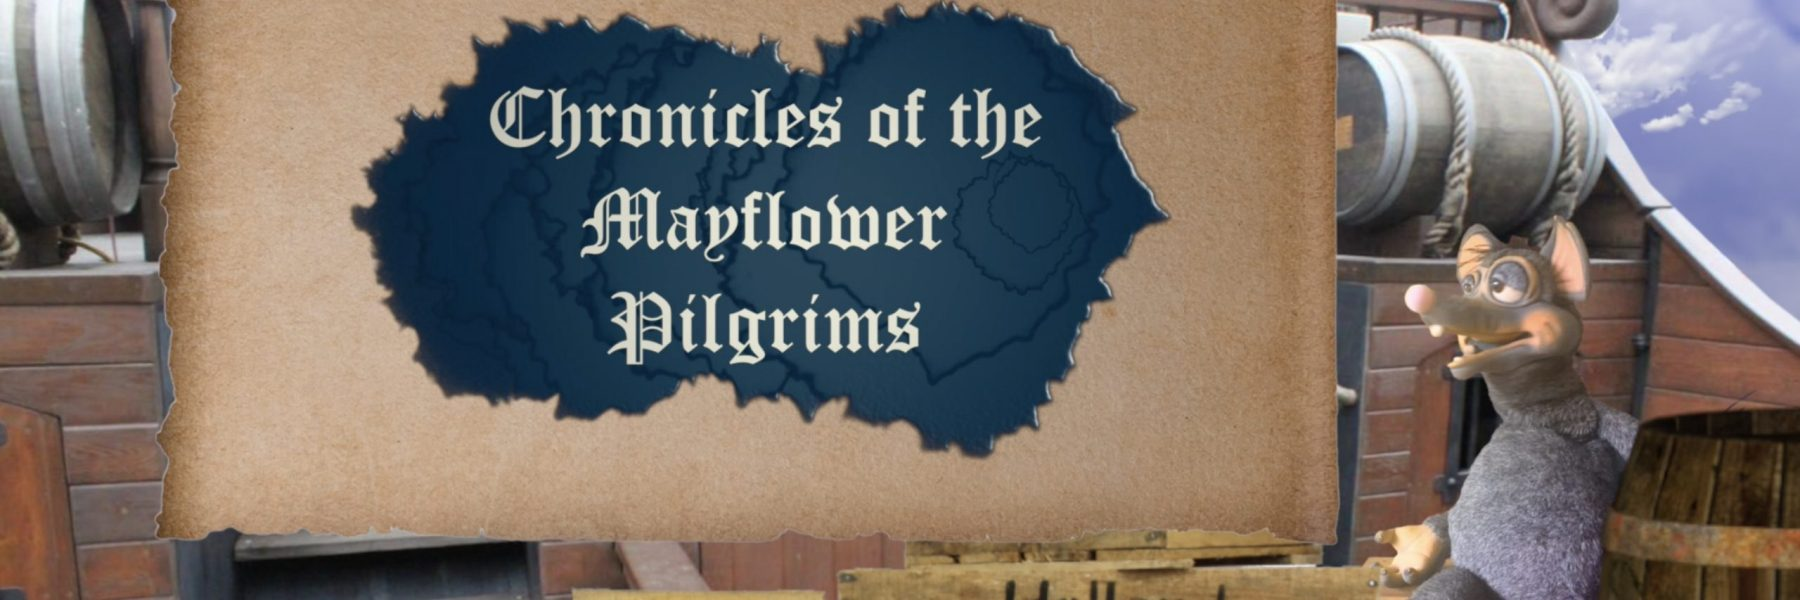 Chronicles of the Mayflower Pilgrims